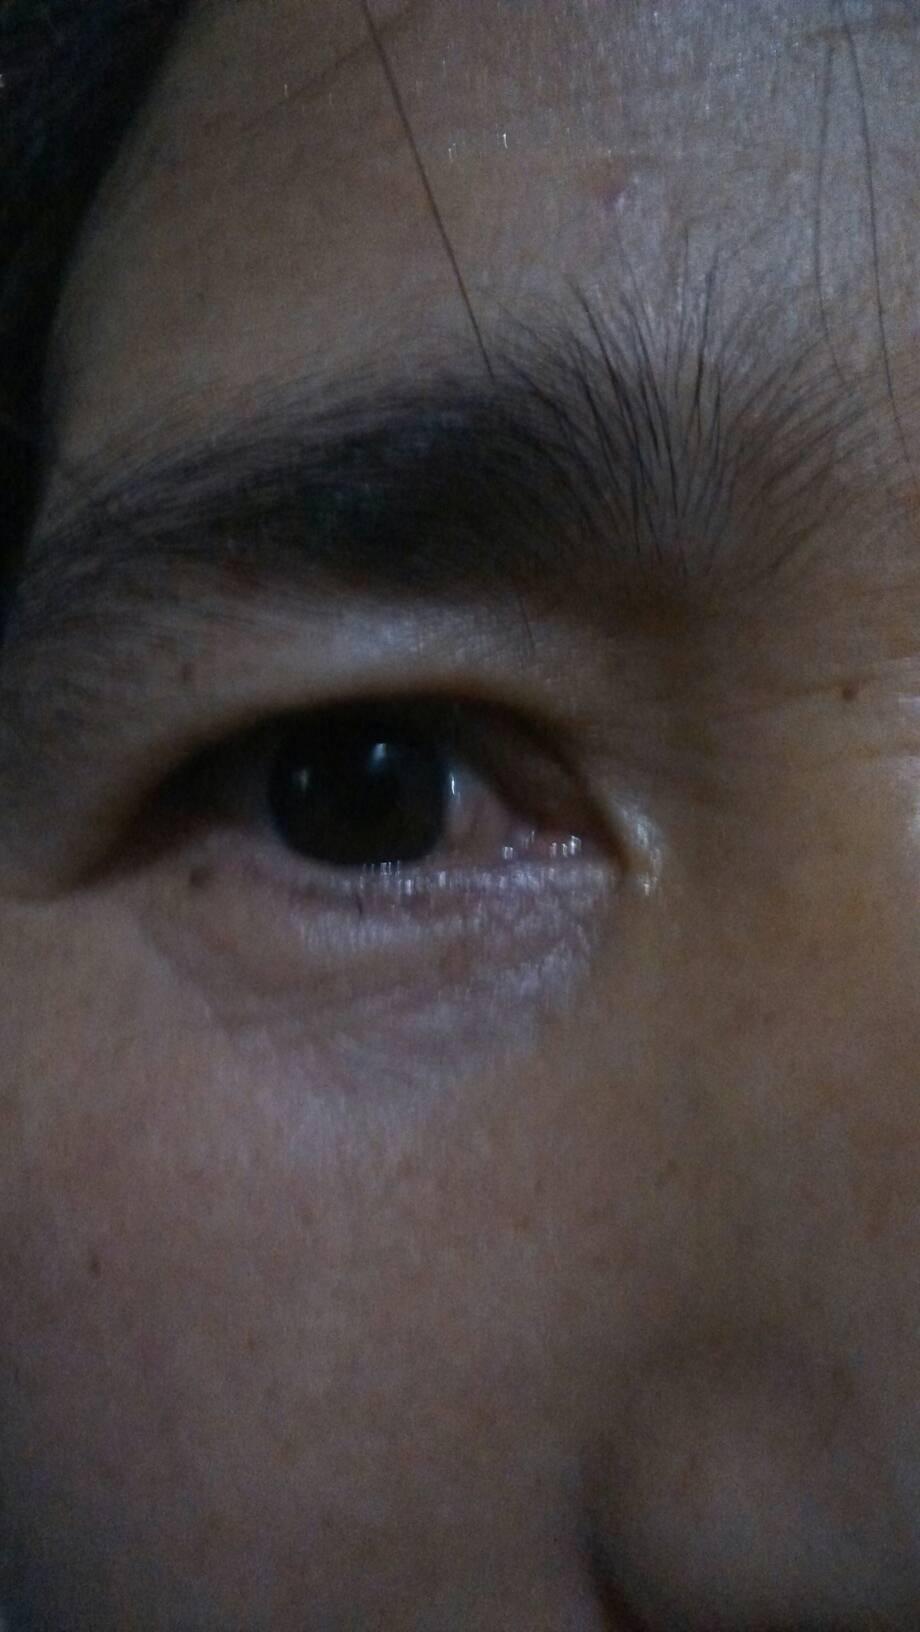 眼球上长了个白色疙瘩_我妈妈眼睛里前几天出了个小肉疙瘩怎么办…谢谢各位眼科医生了